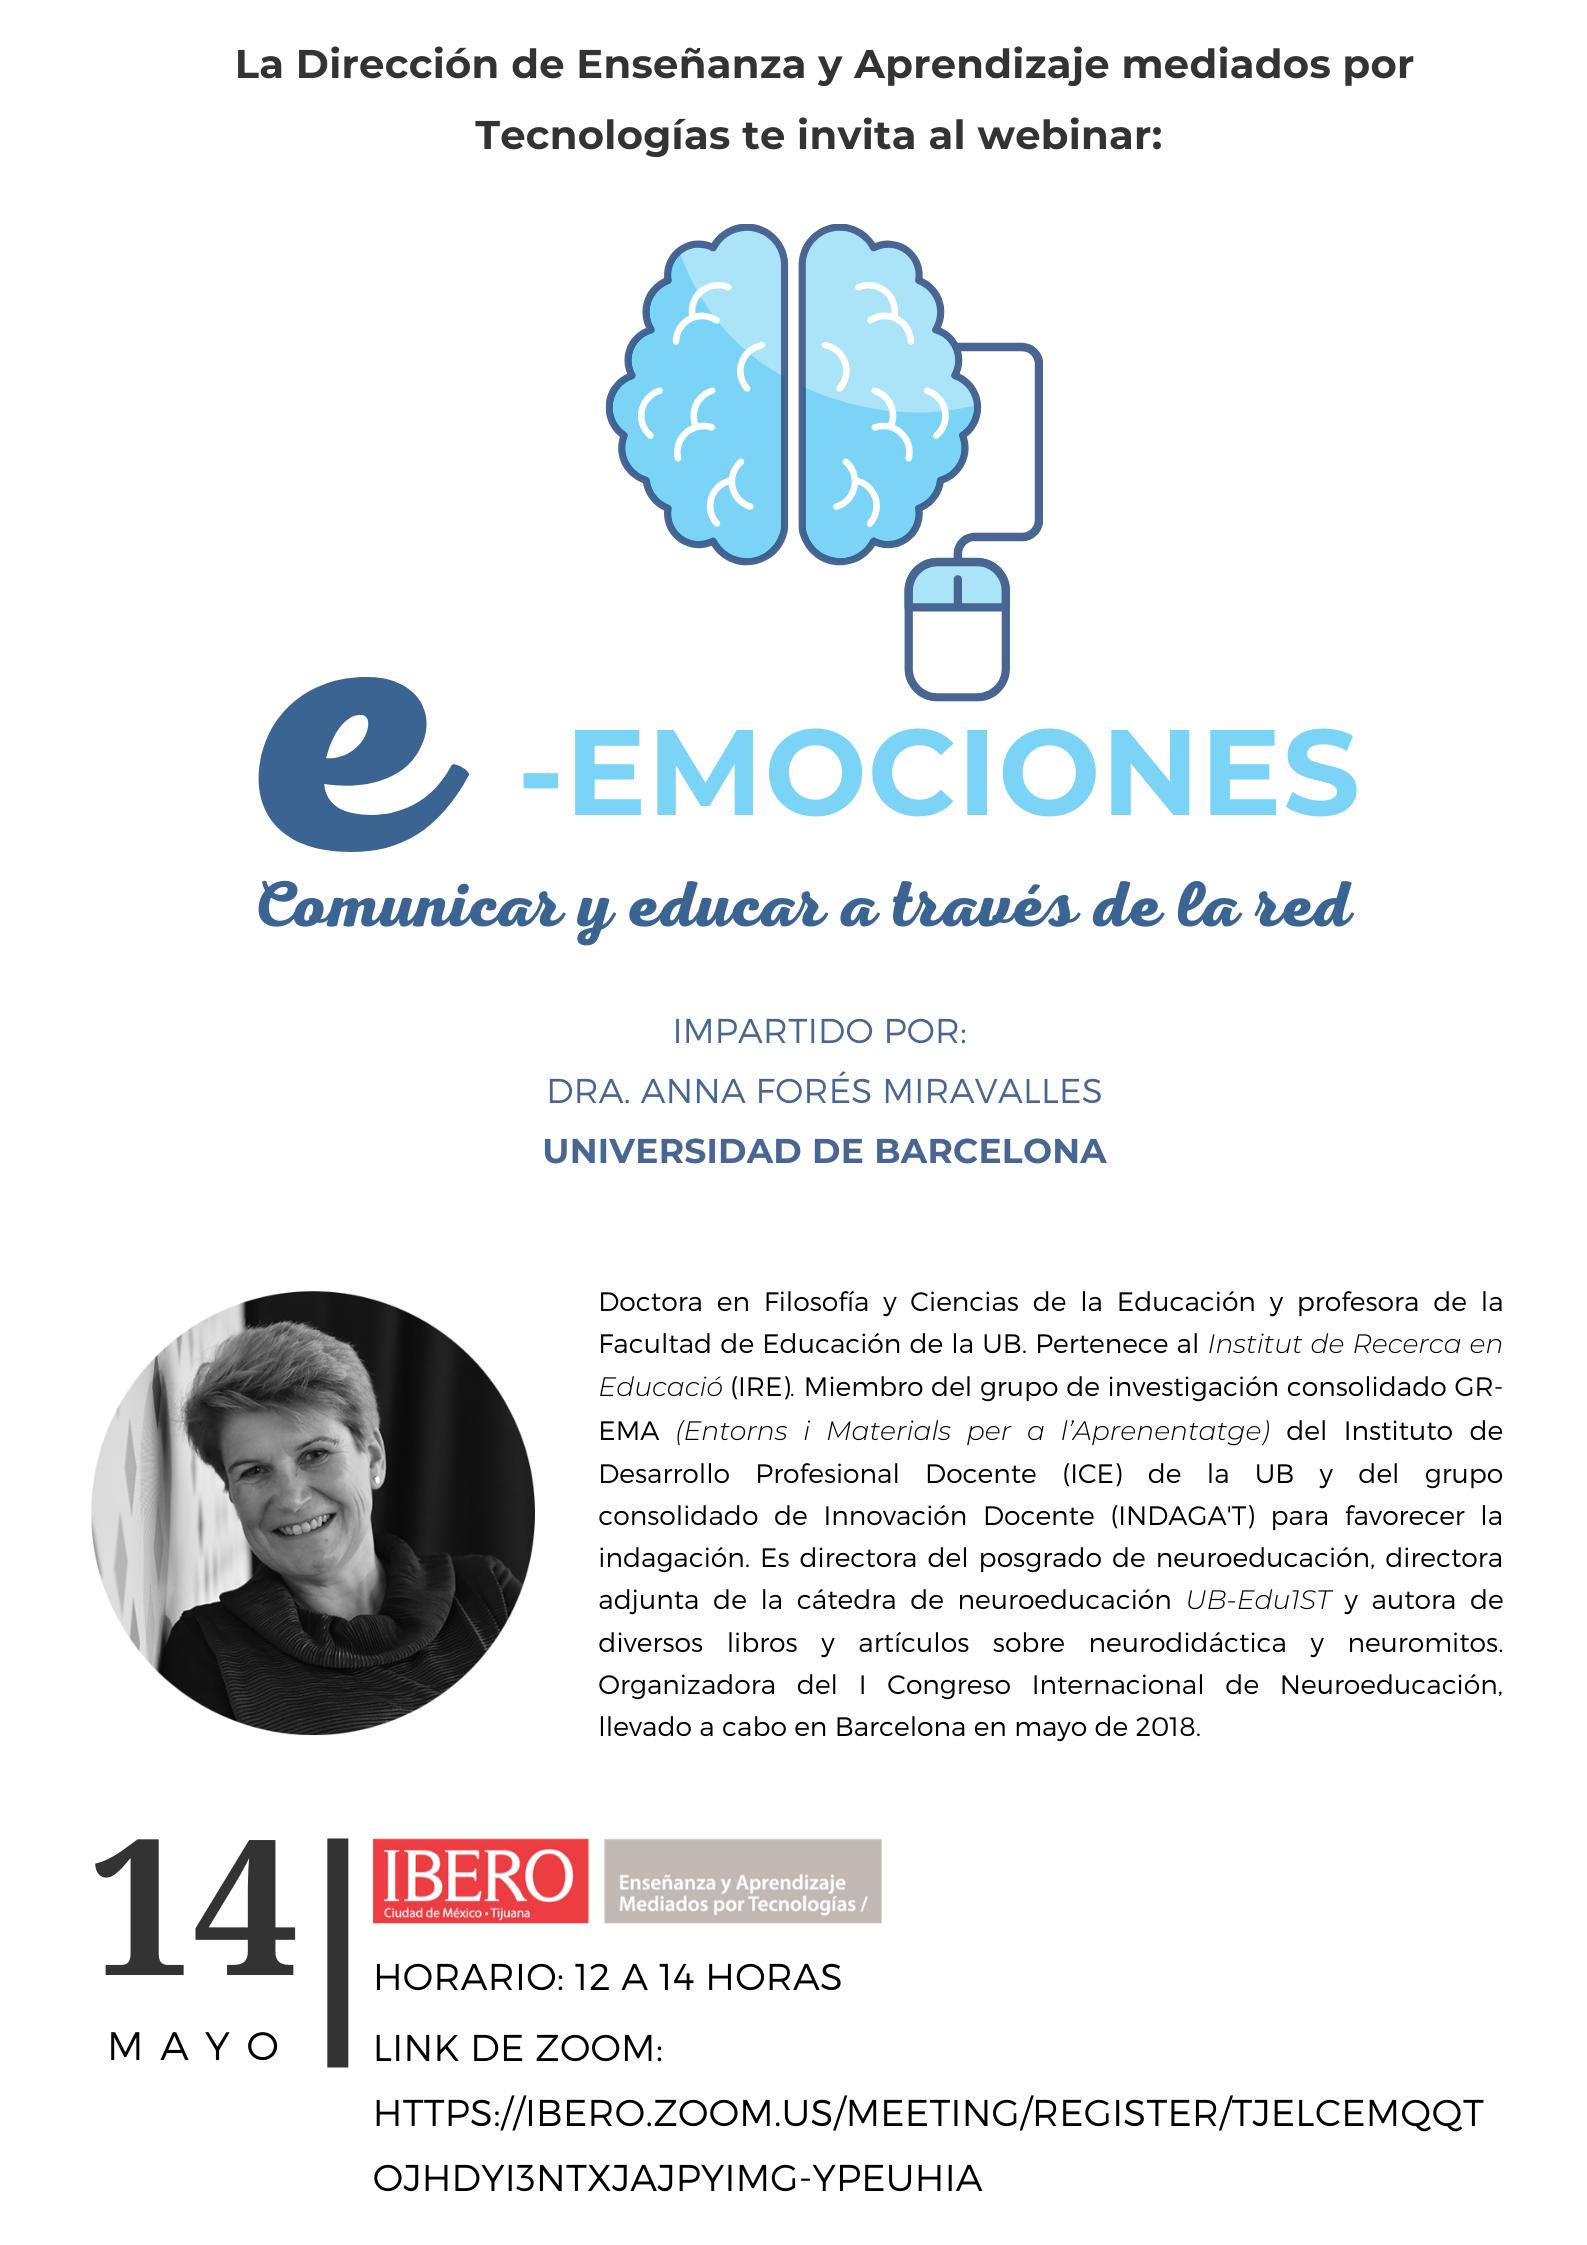 E-EMOCIONES (3).png